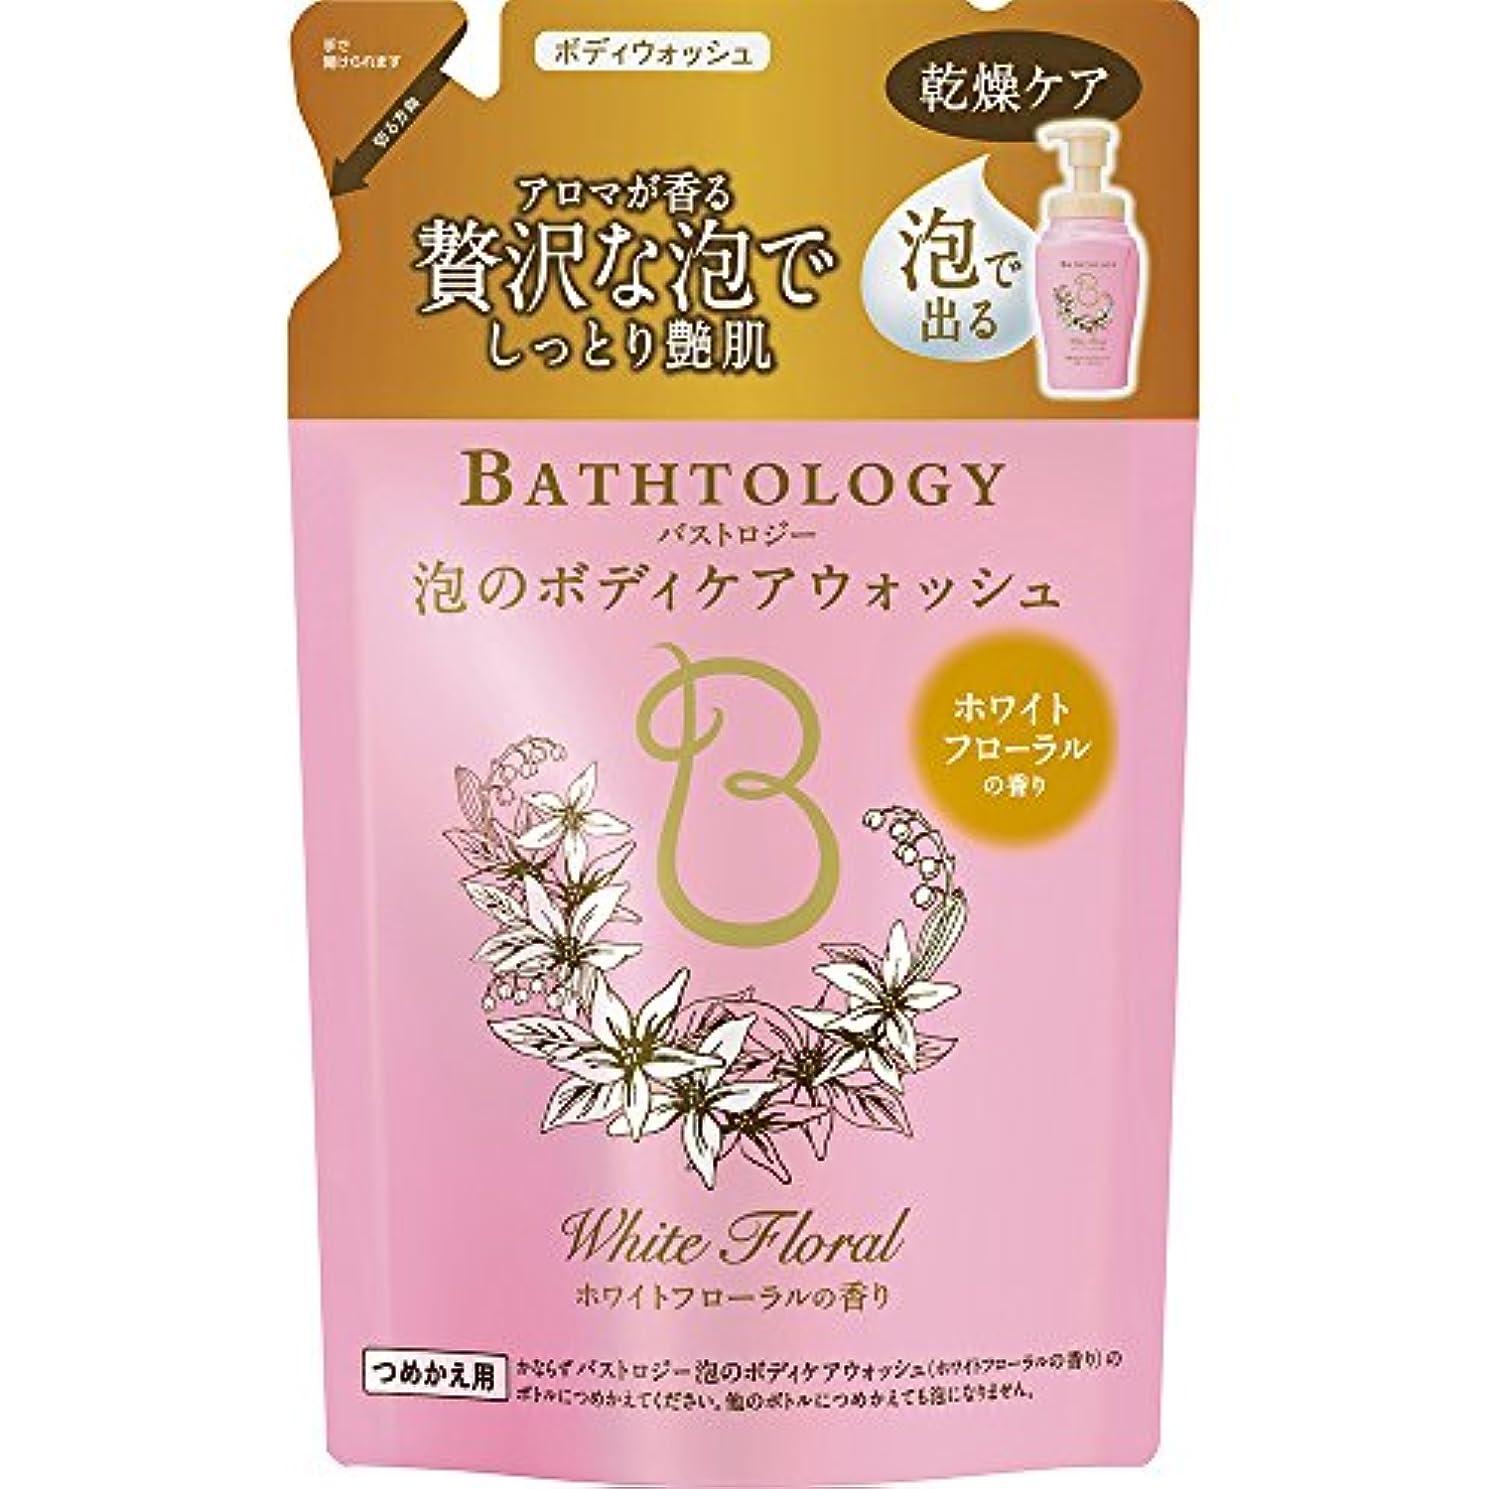 ペフ防水銀行BATHTOLOGY 泡のボディケアウォッシュ ホワイトフローラルの香り 詰め替え 350ml